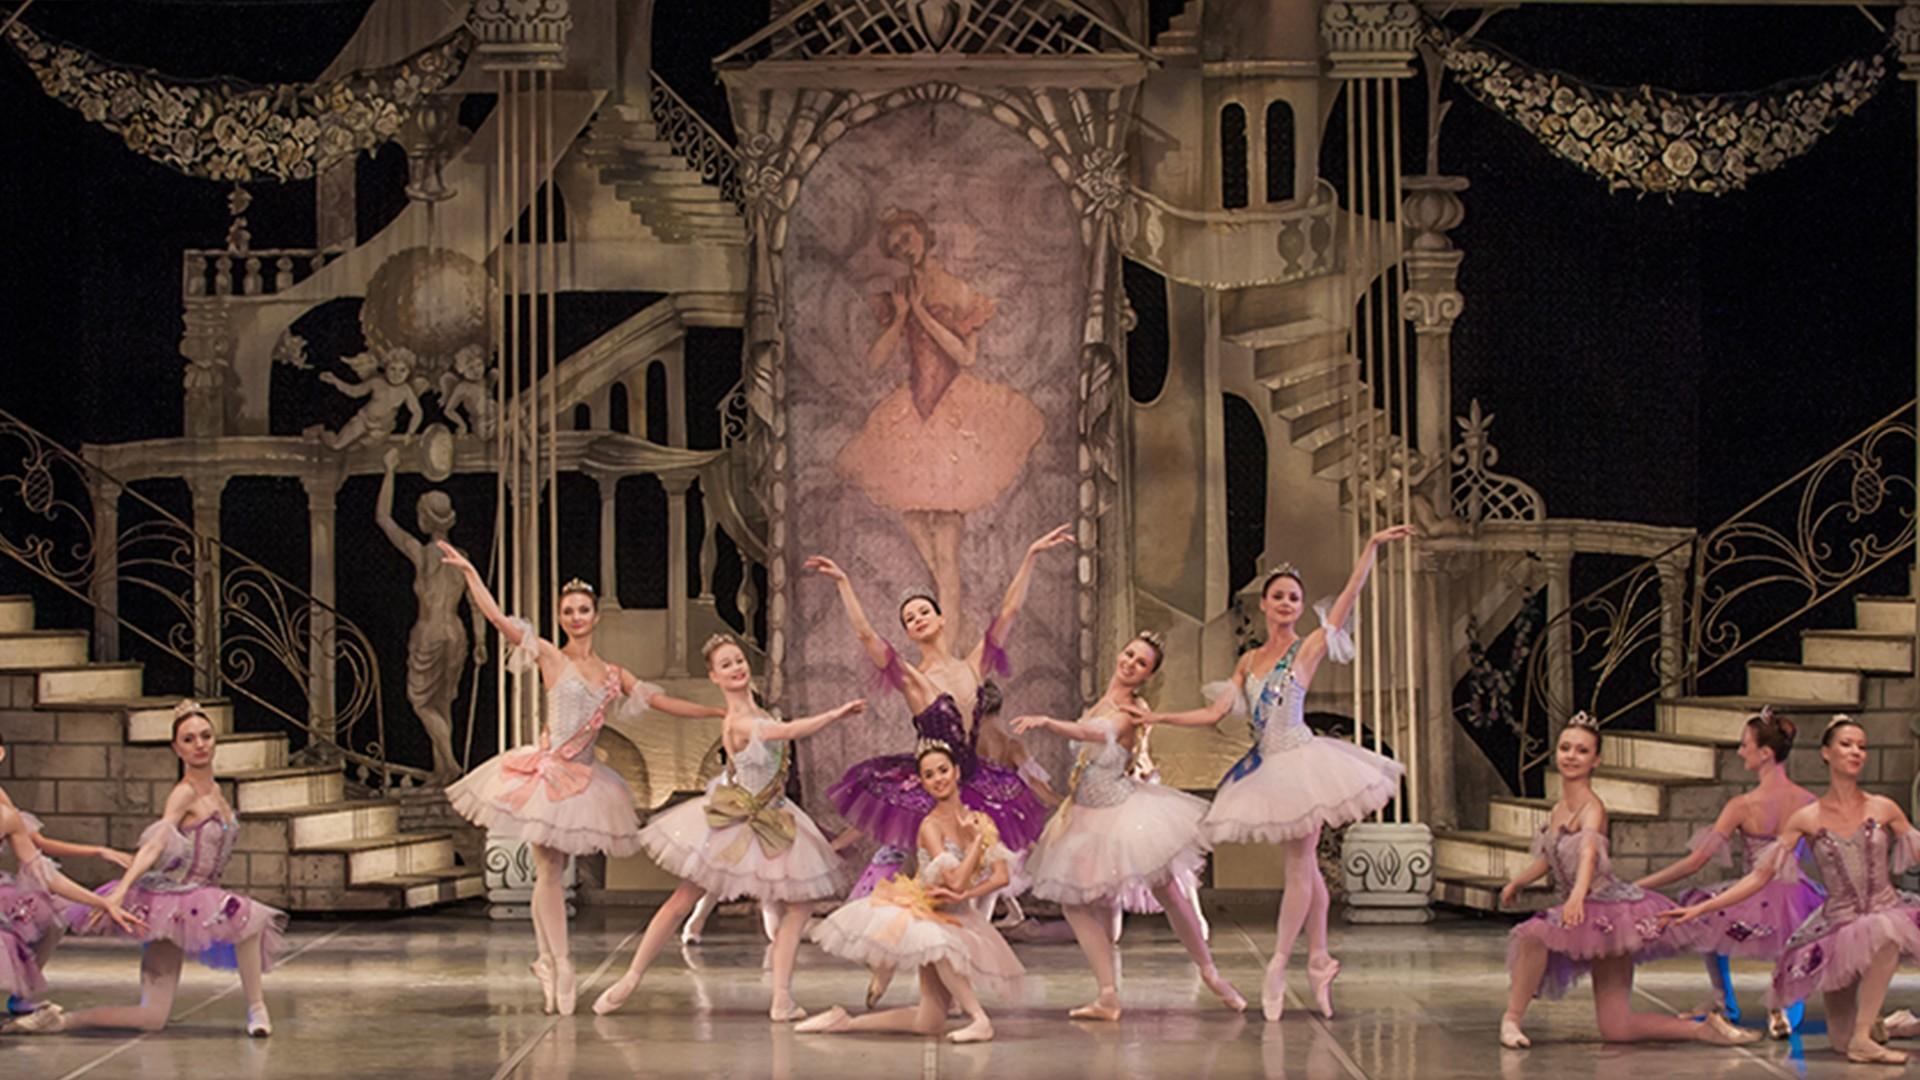 Спящая красавица. Государственный академический театр классического балета Н. Касаткиной и В. Василёва